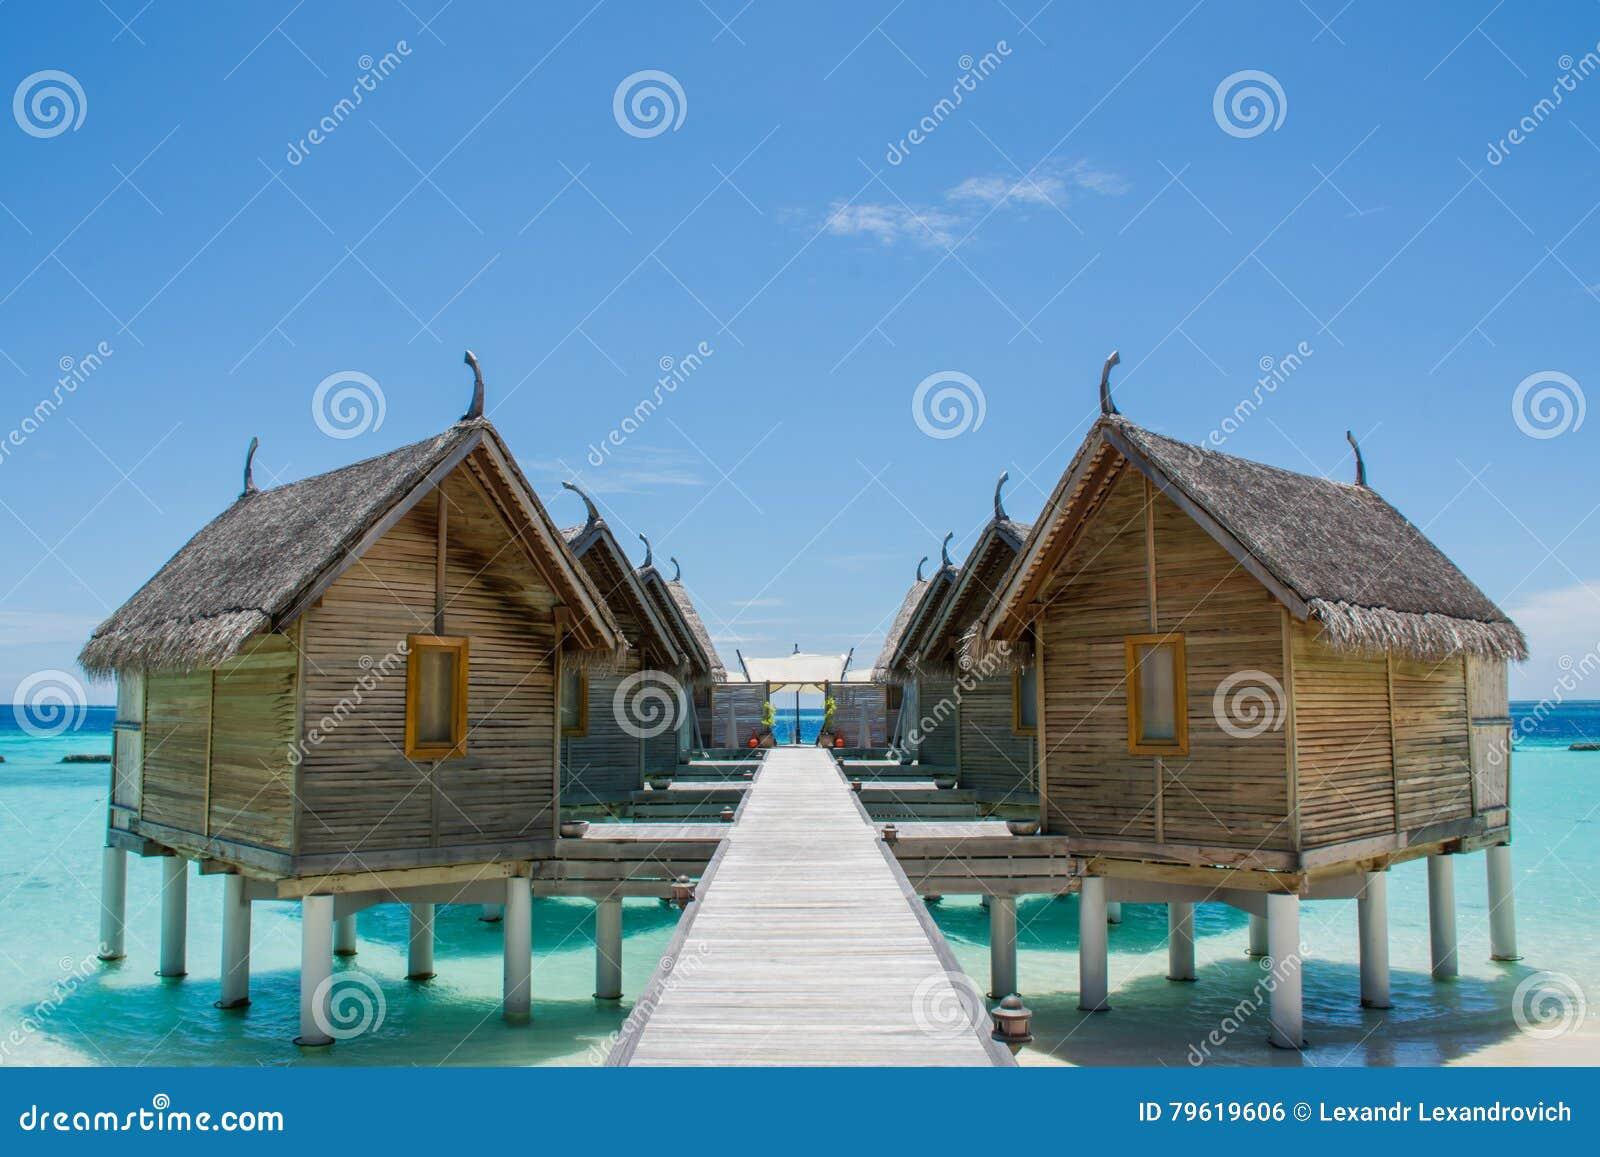 Water bungalos at the topical beach at Maldives